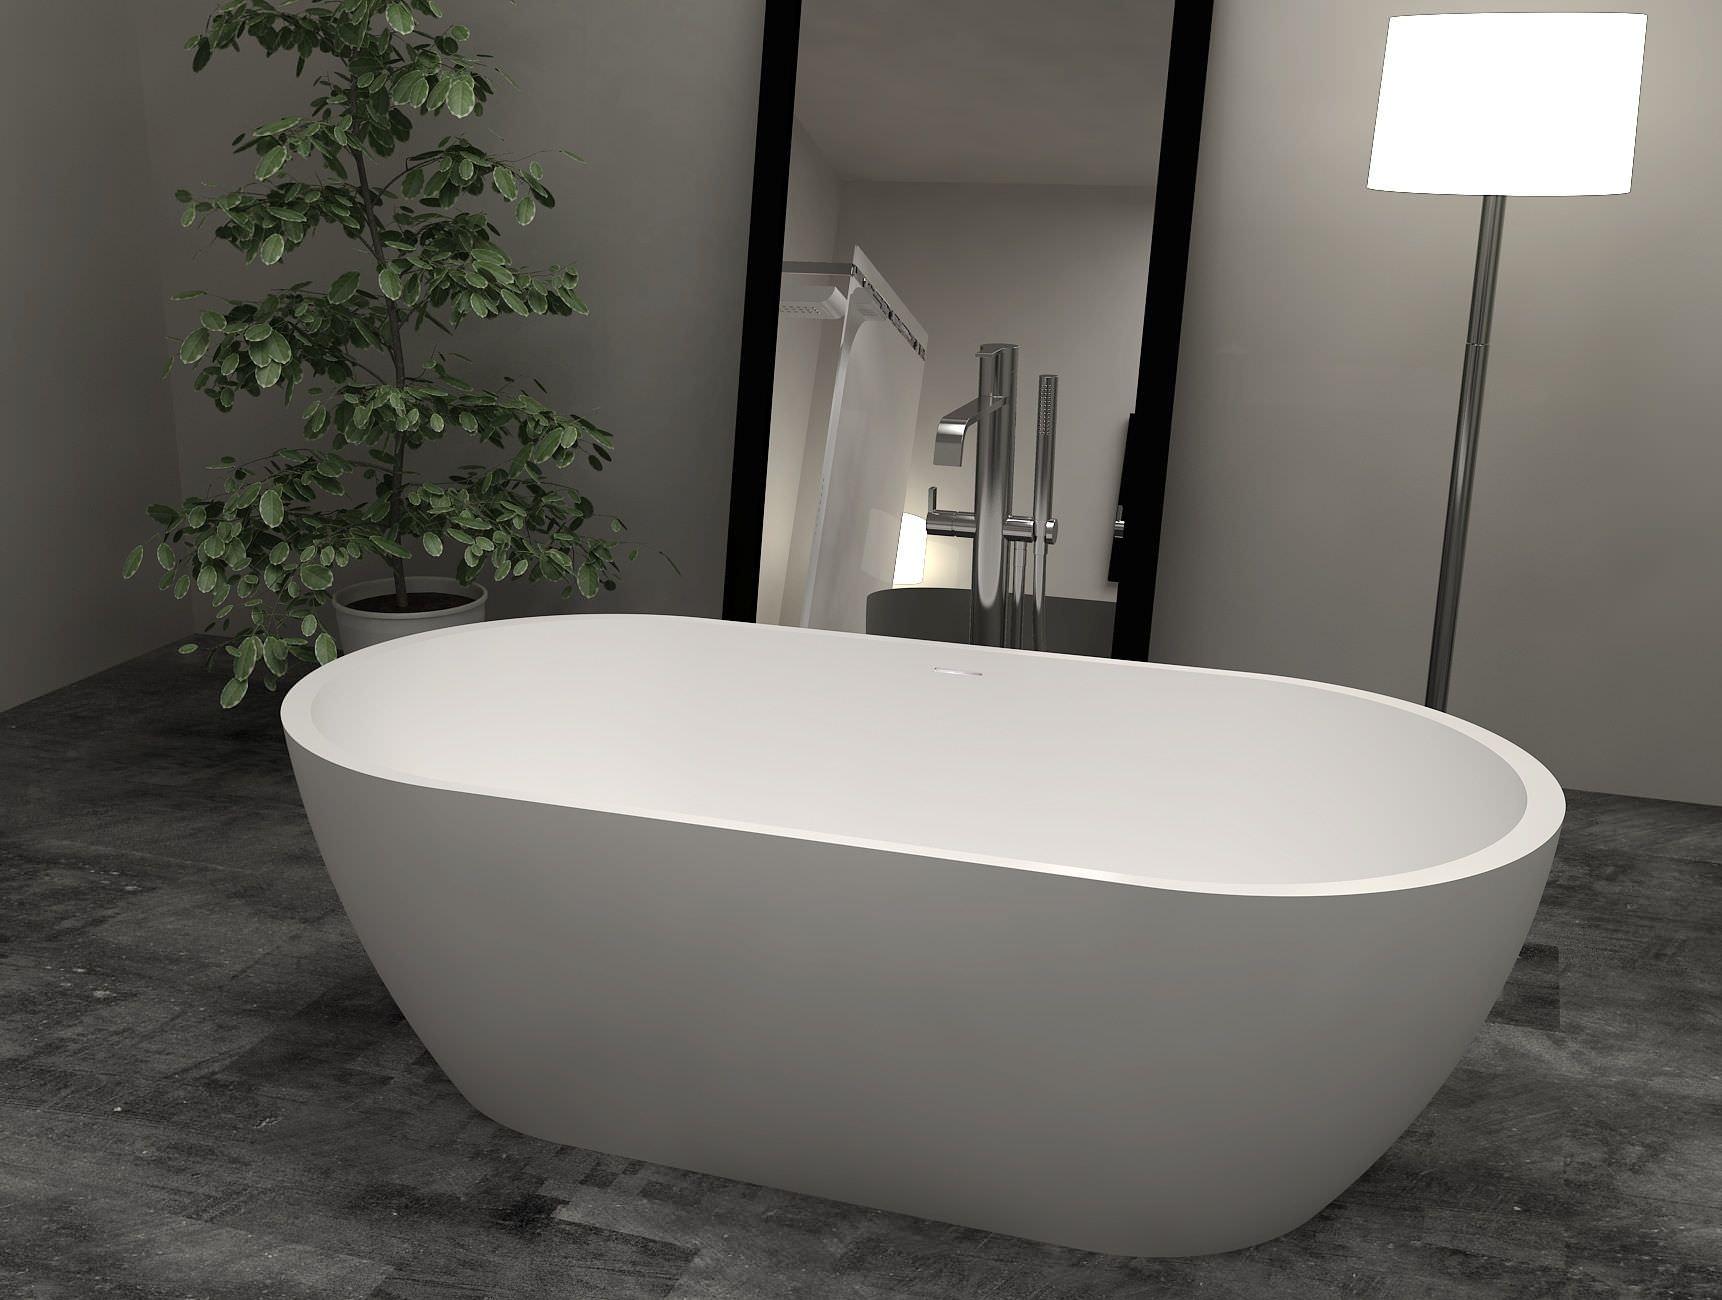 Baignoire Design Stone 180x80x54cm